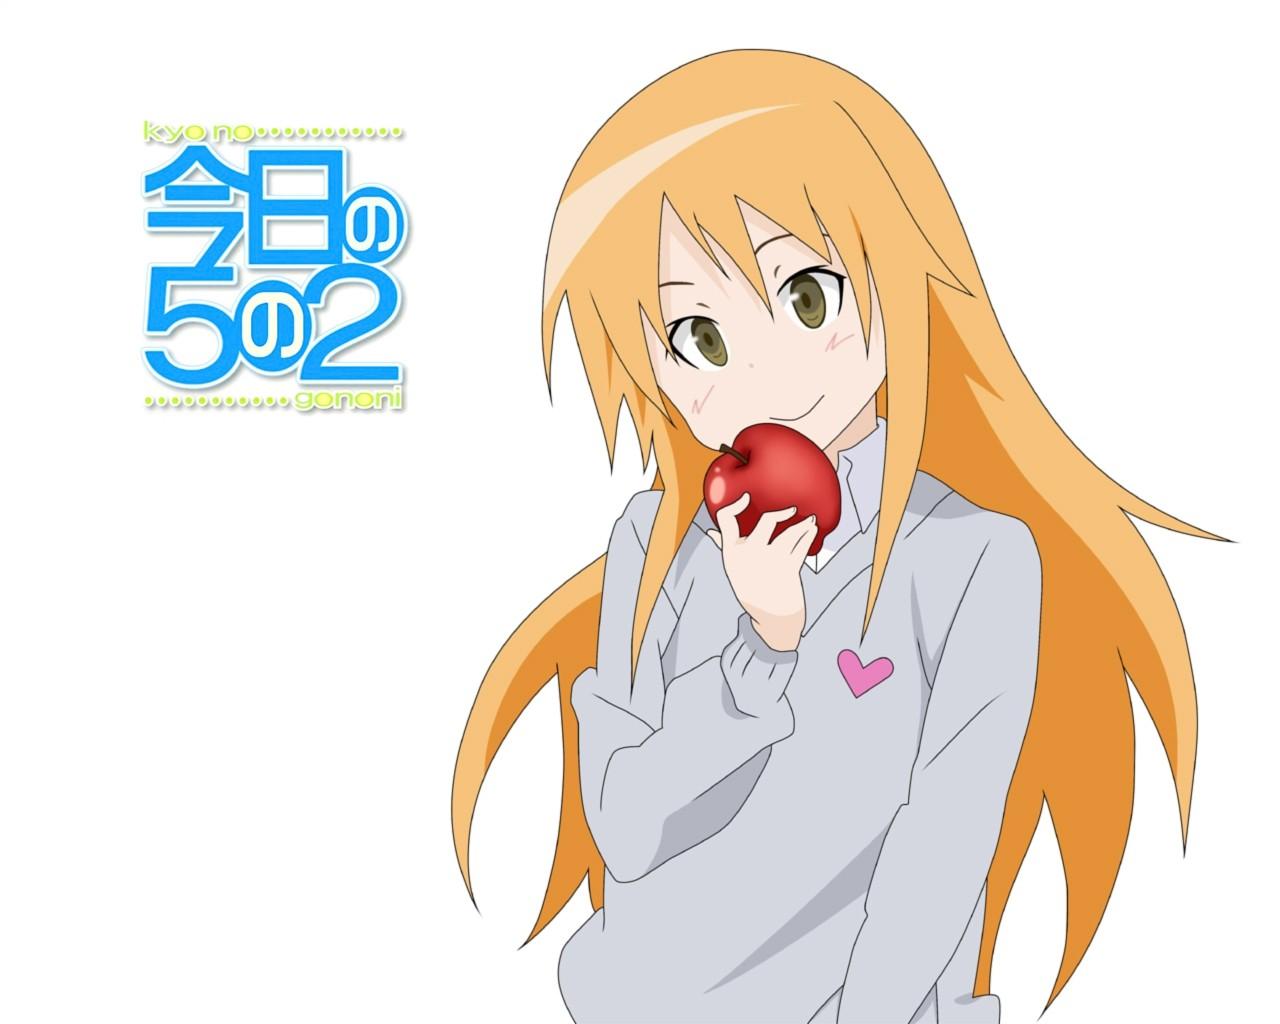 Tapety Ilustrace Dlouhe Vlasy Anime Divky Kreslena Pohadka